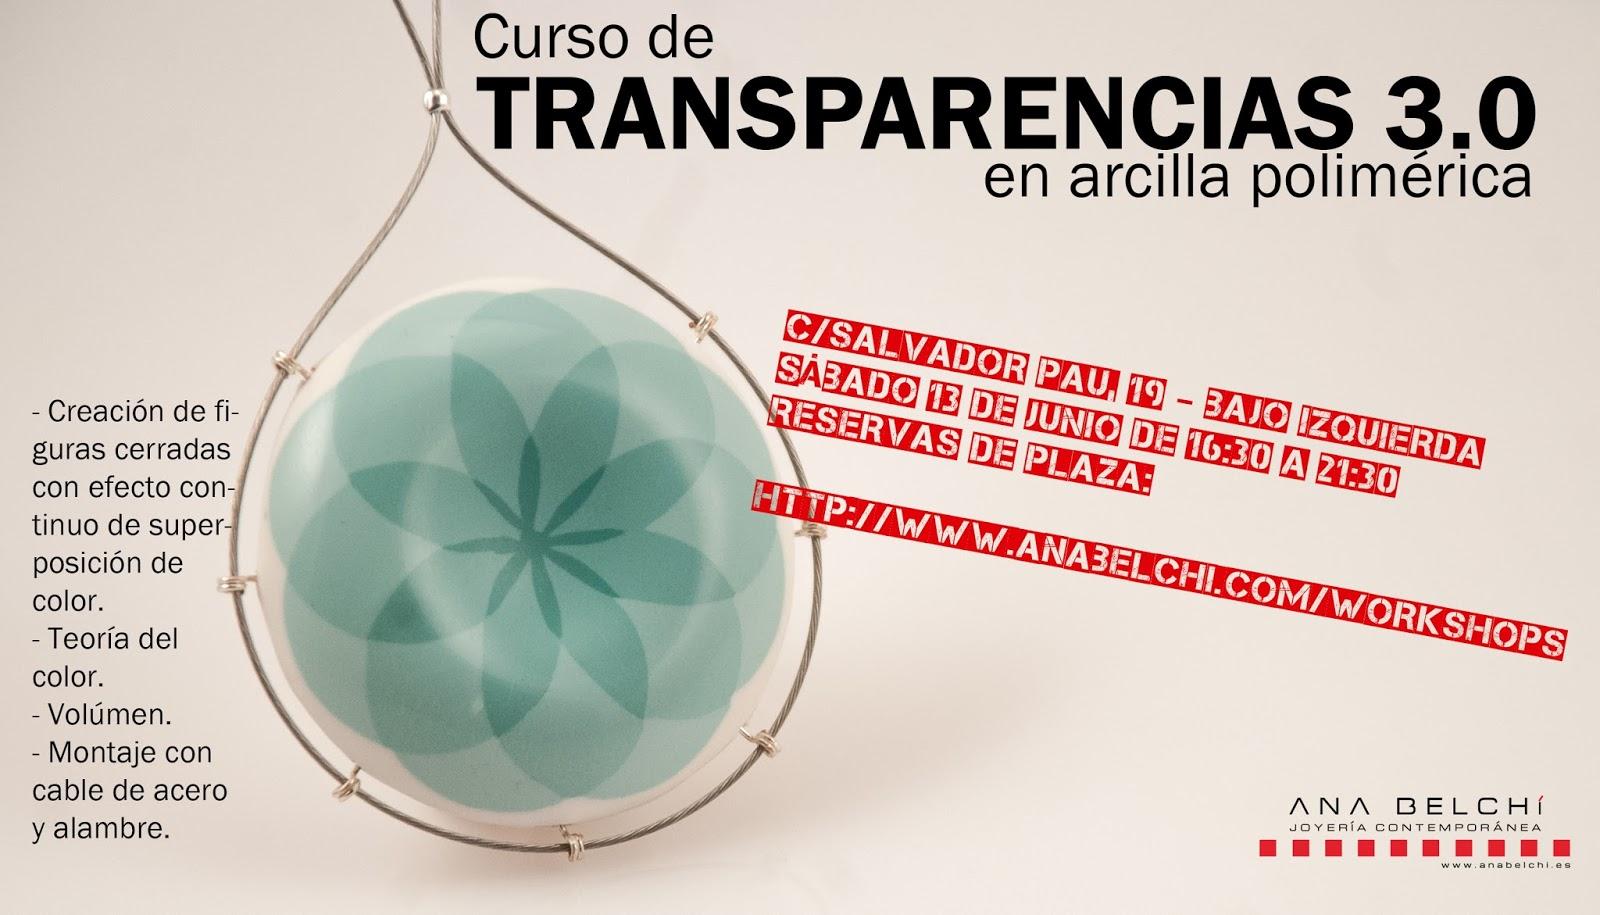 Ana belch cursos en junio zaragoza valencia alcobendas - Clases de manualidades en madrid ...